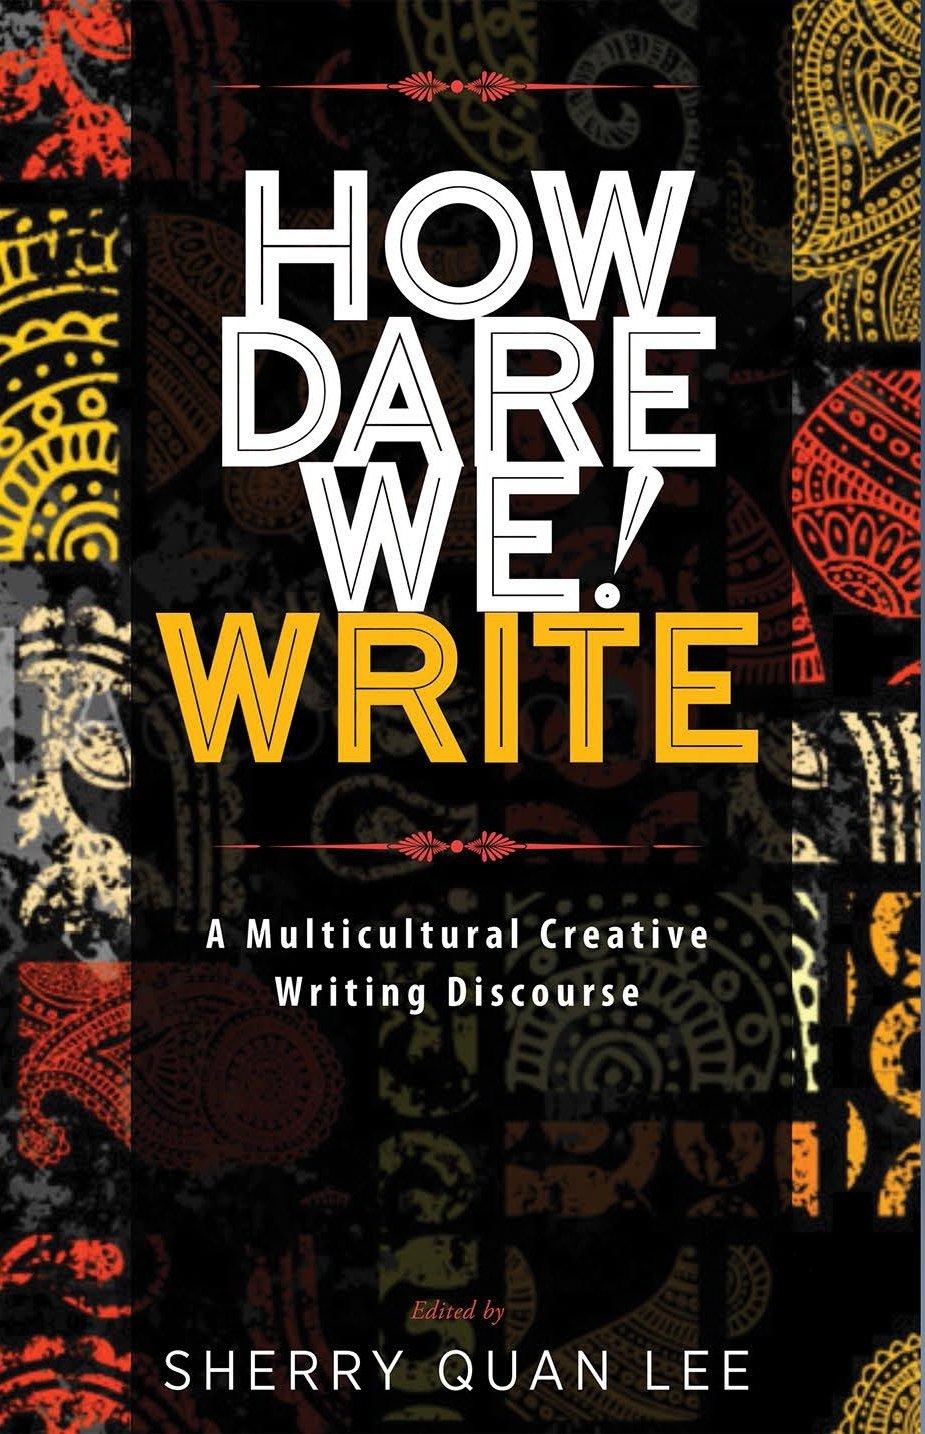 How Dare We! Write [PB] 978-1-61599-330-7